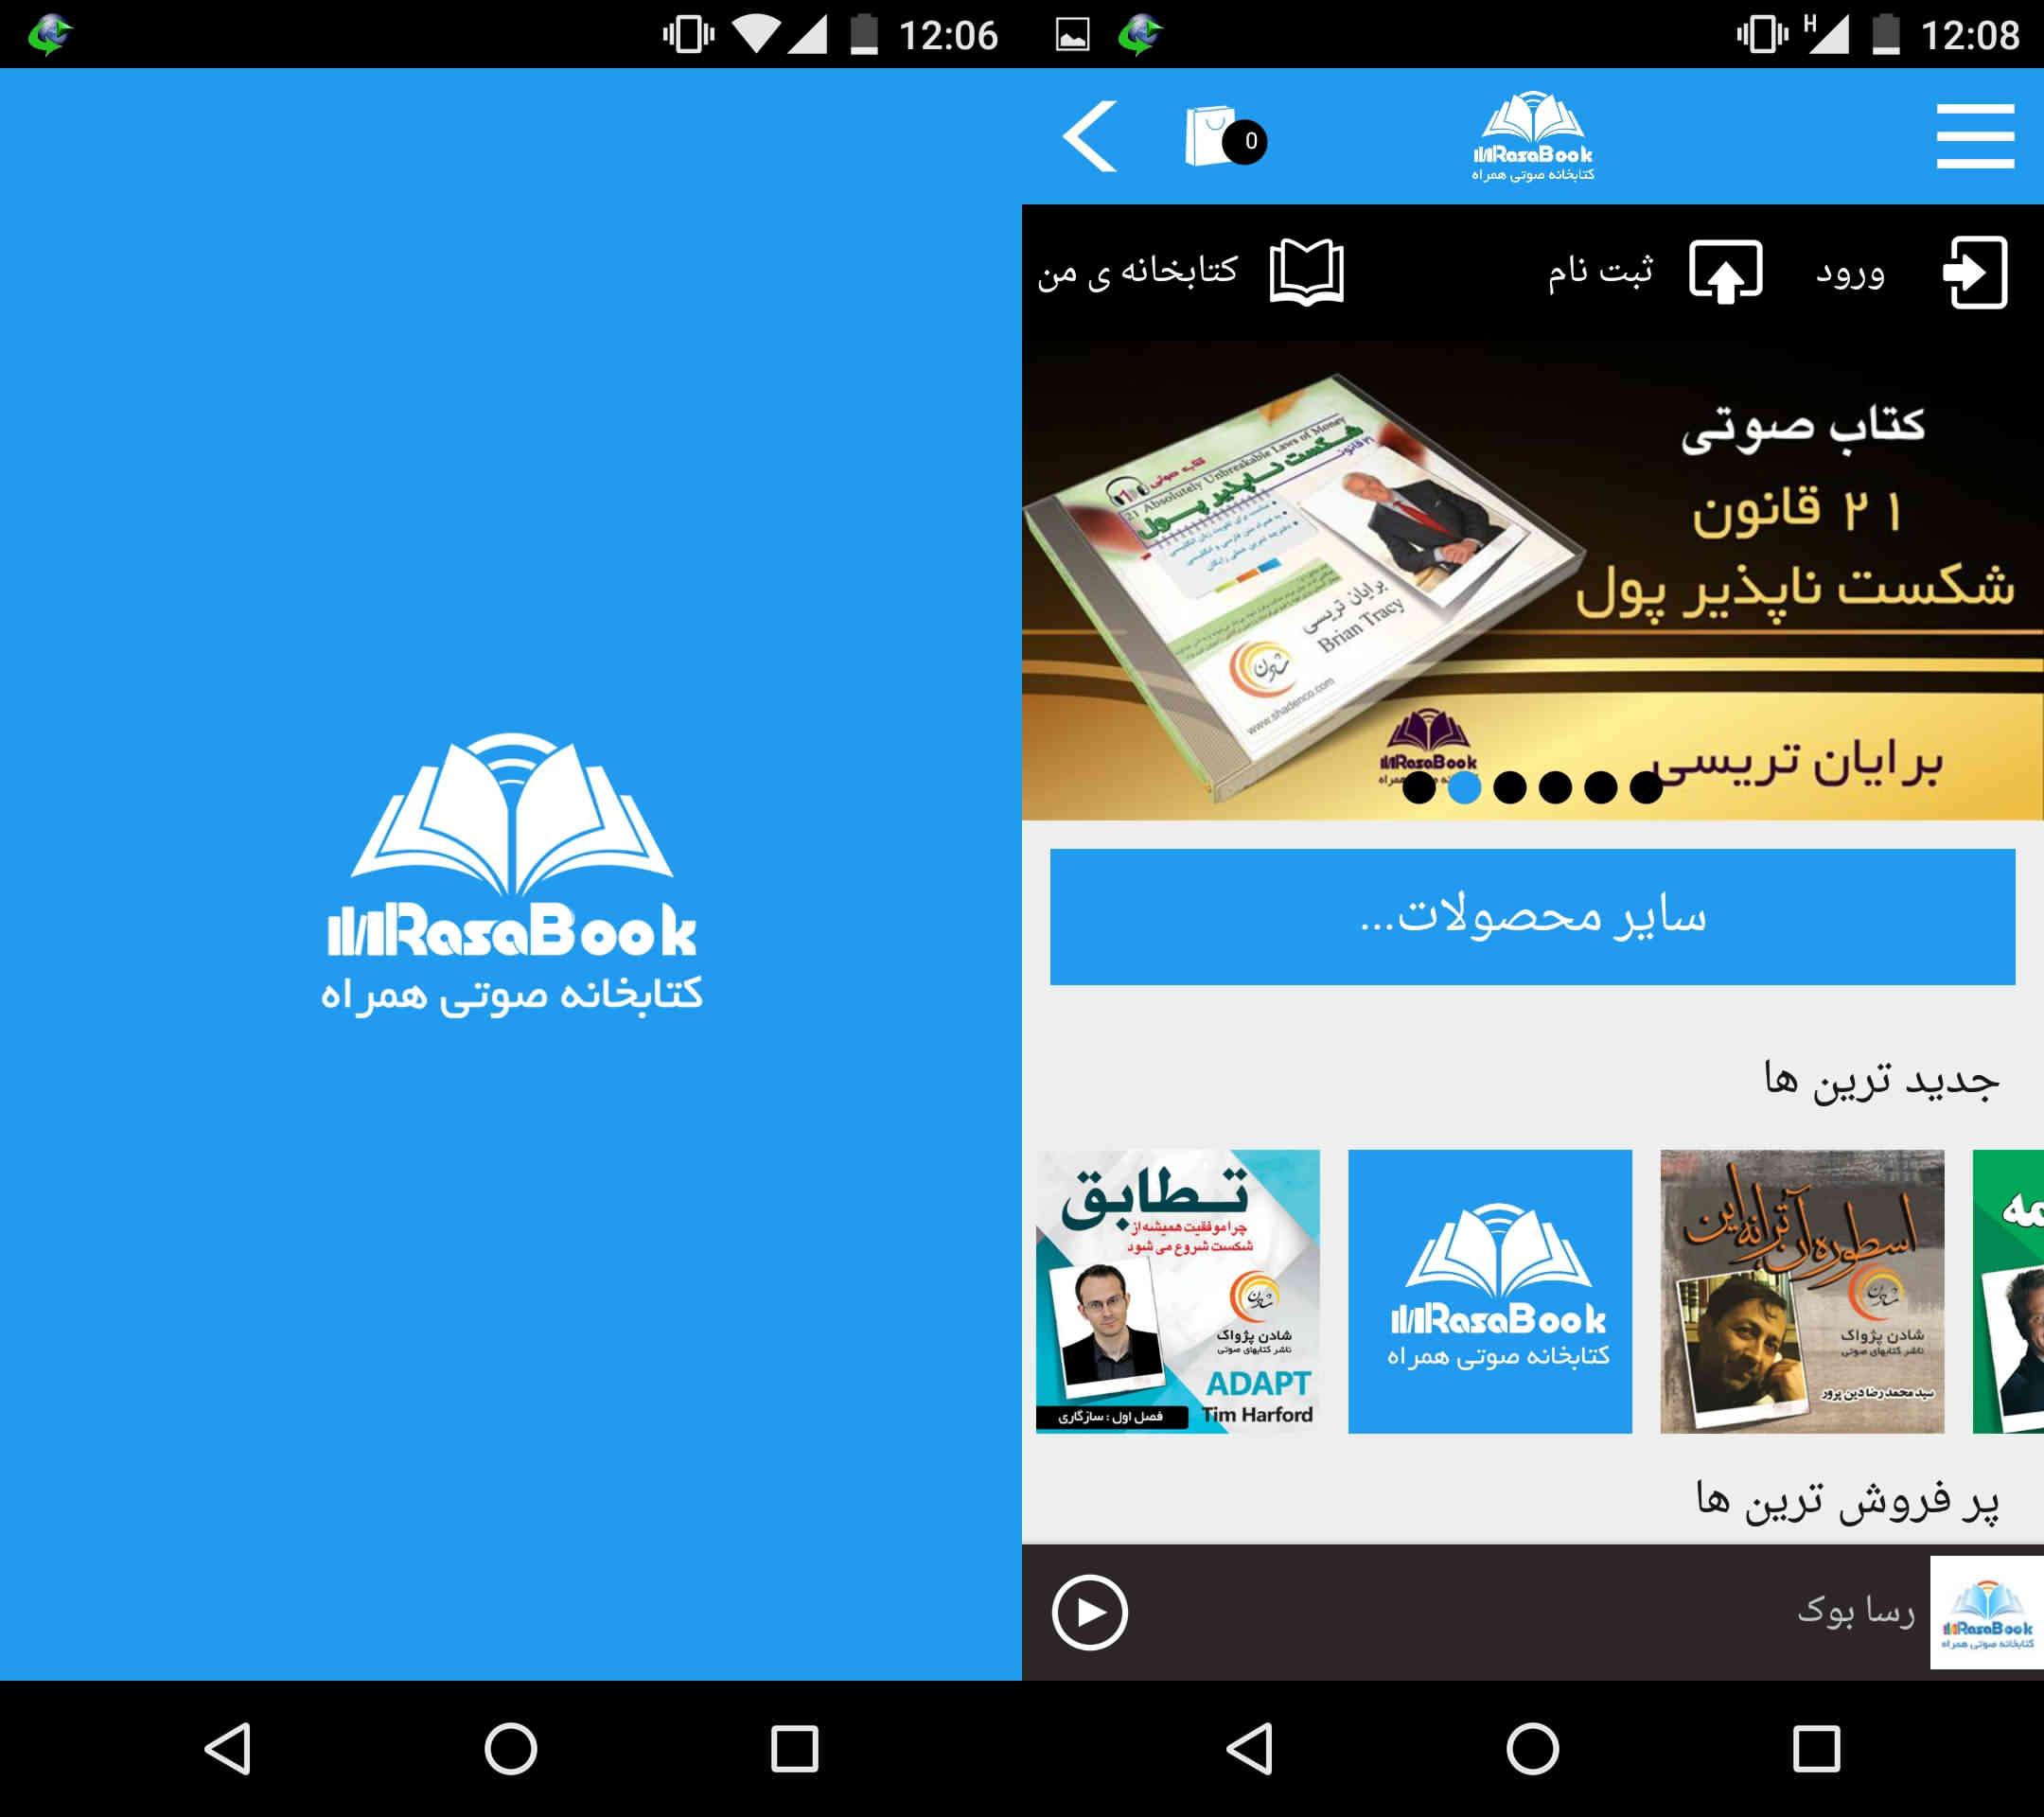 رابط کاربری اپلیکیشن رسابوک